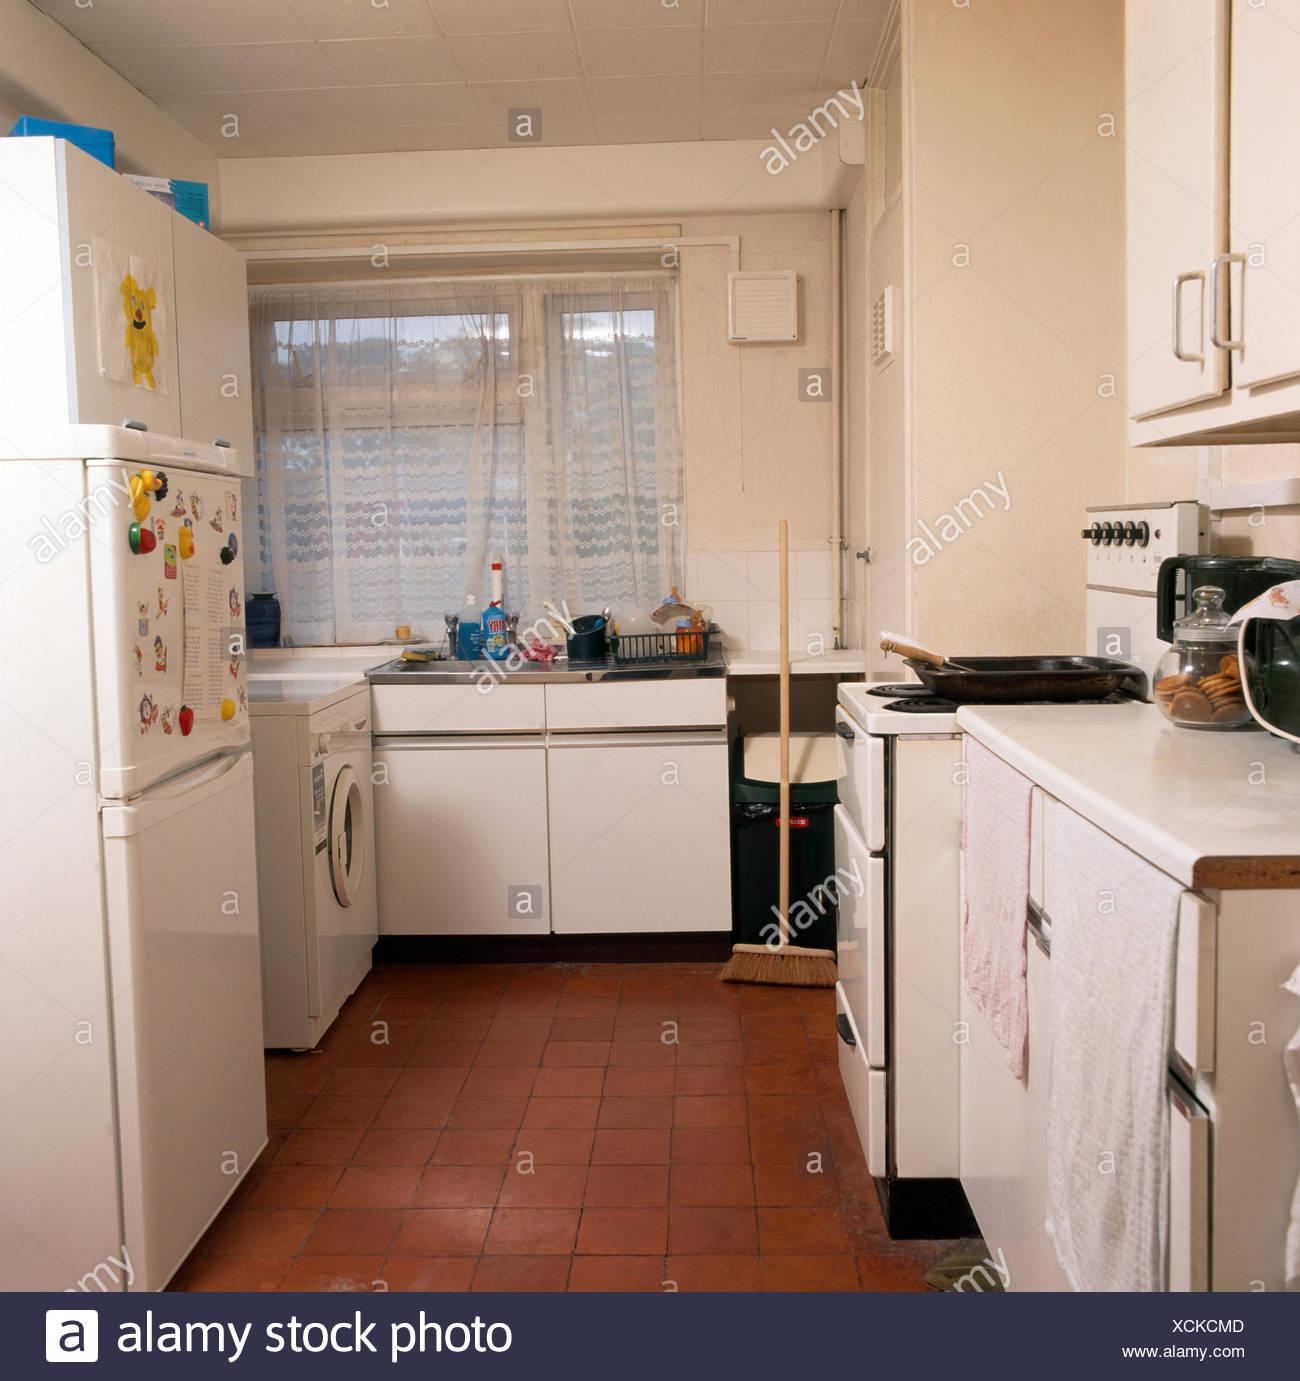 Altmodische Küche vor dem Umbau Stockfoto, Bild: 283168829 - Alamy